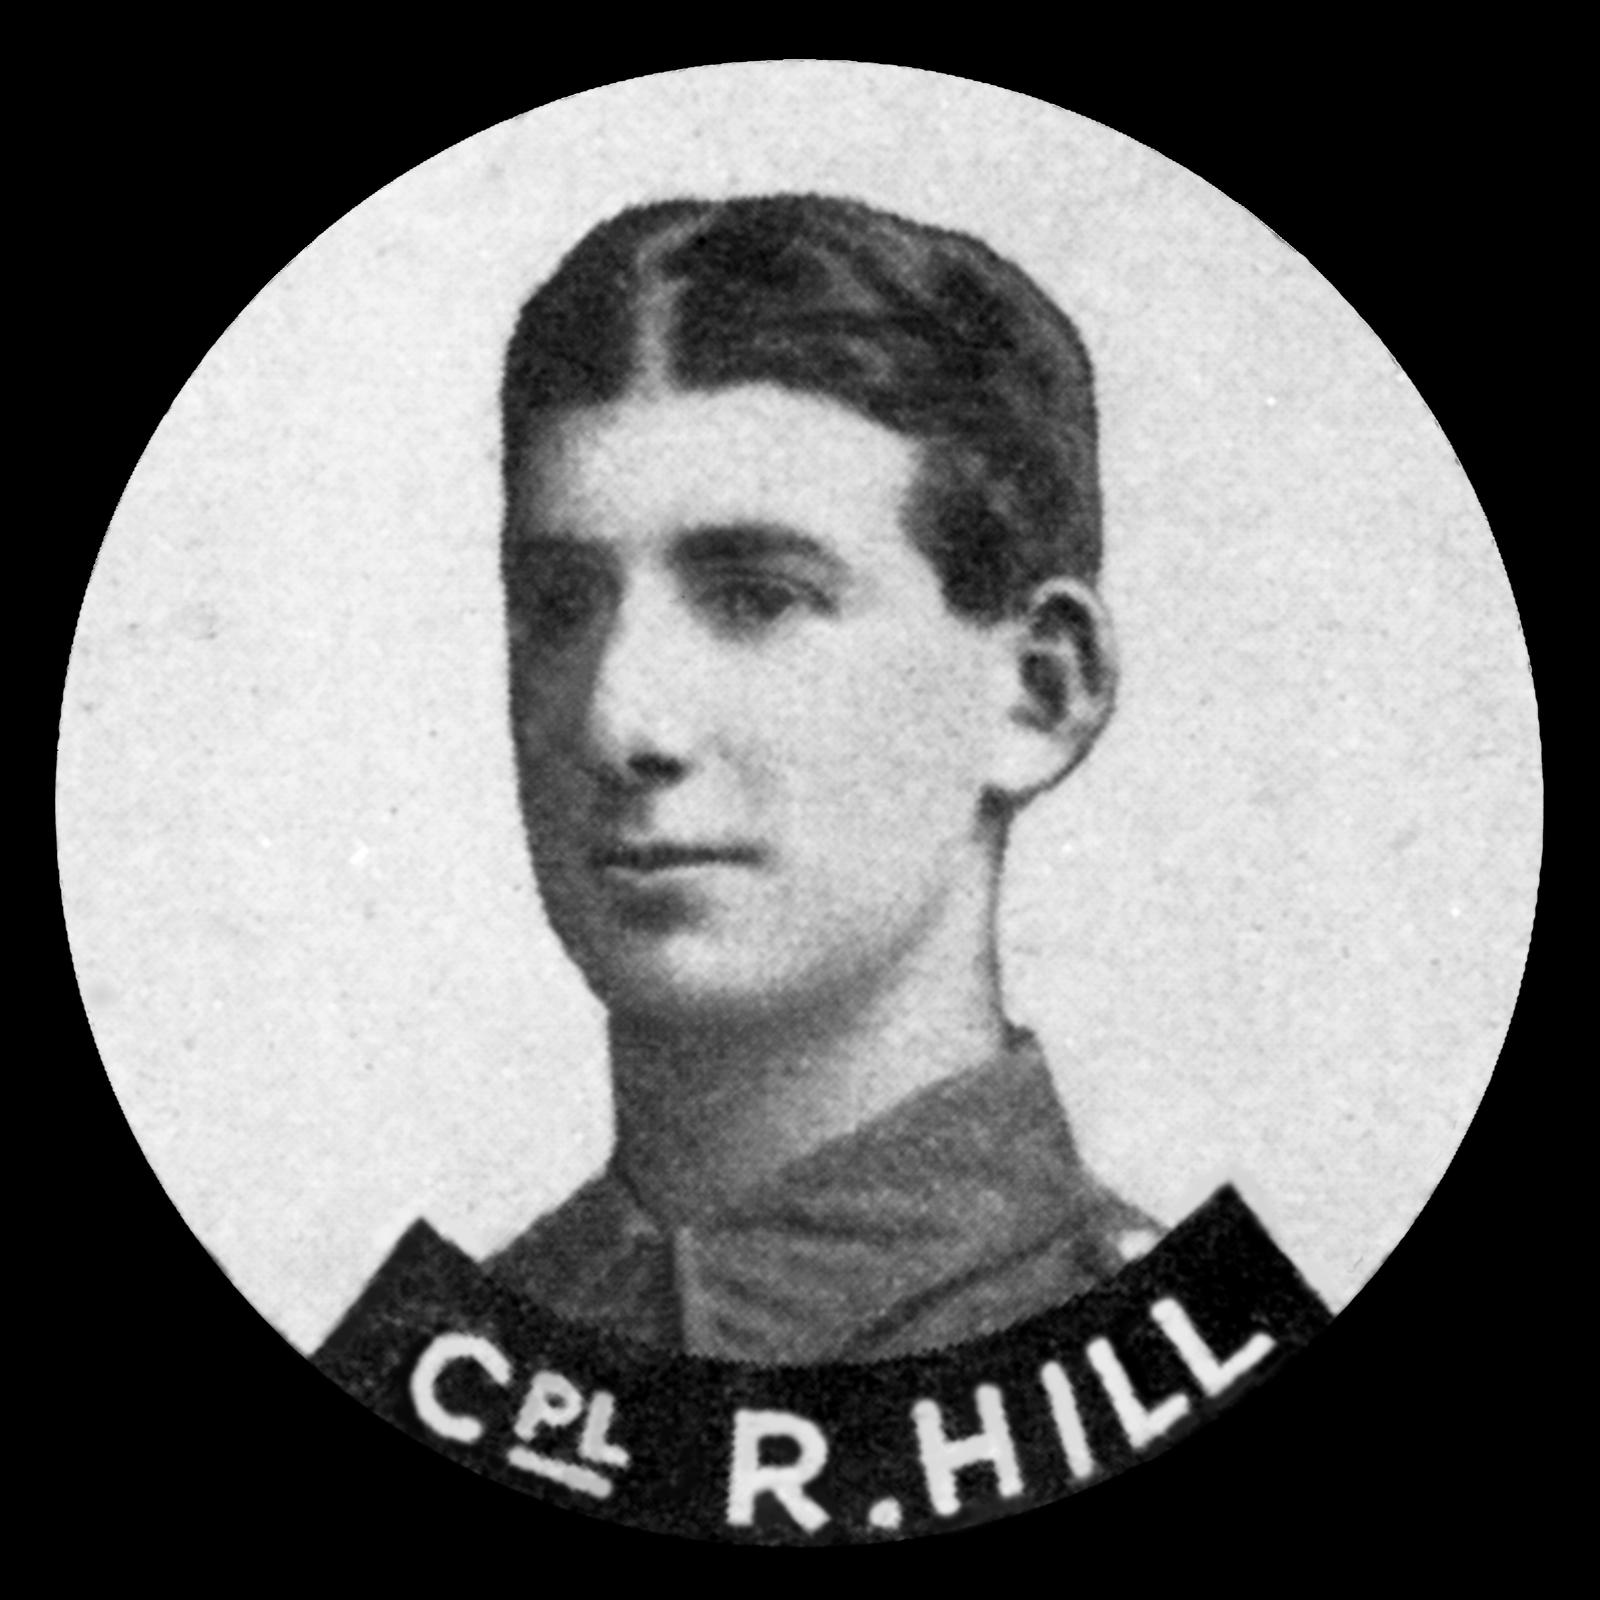 HILL Ralph